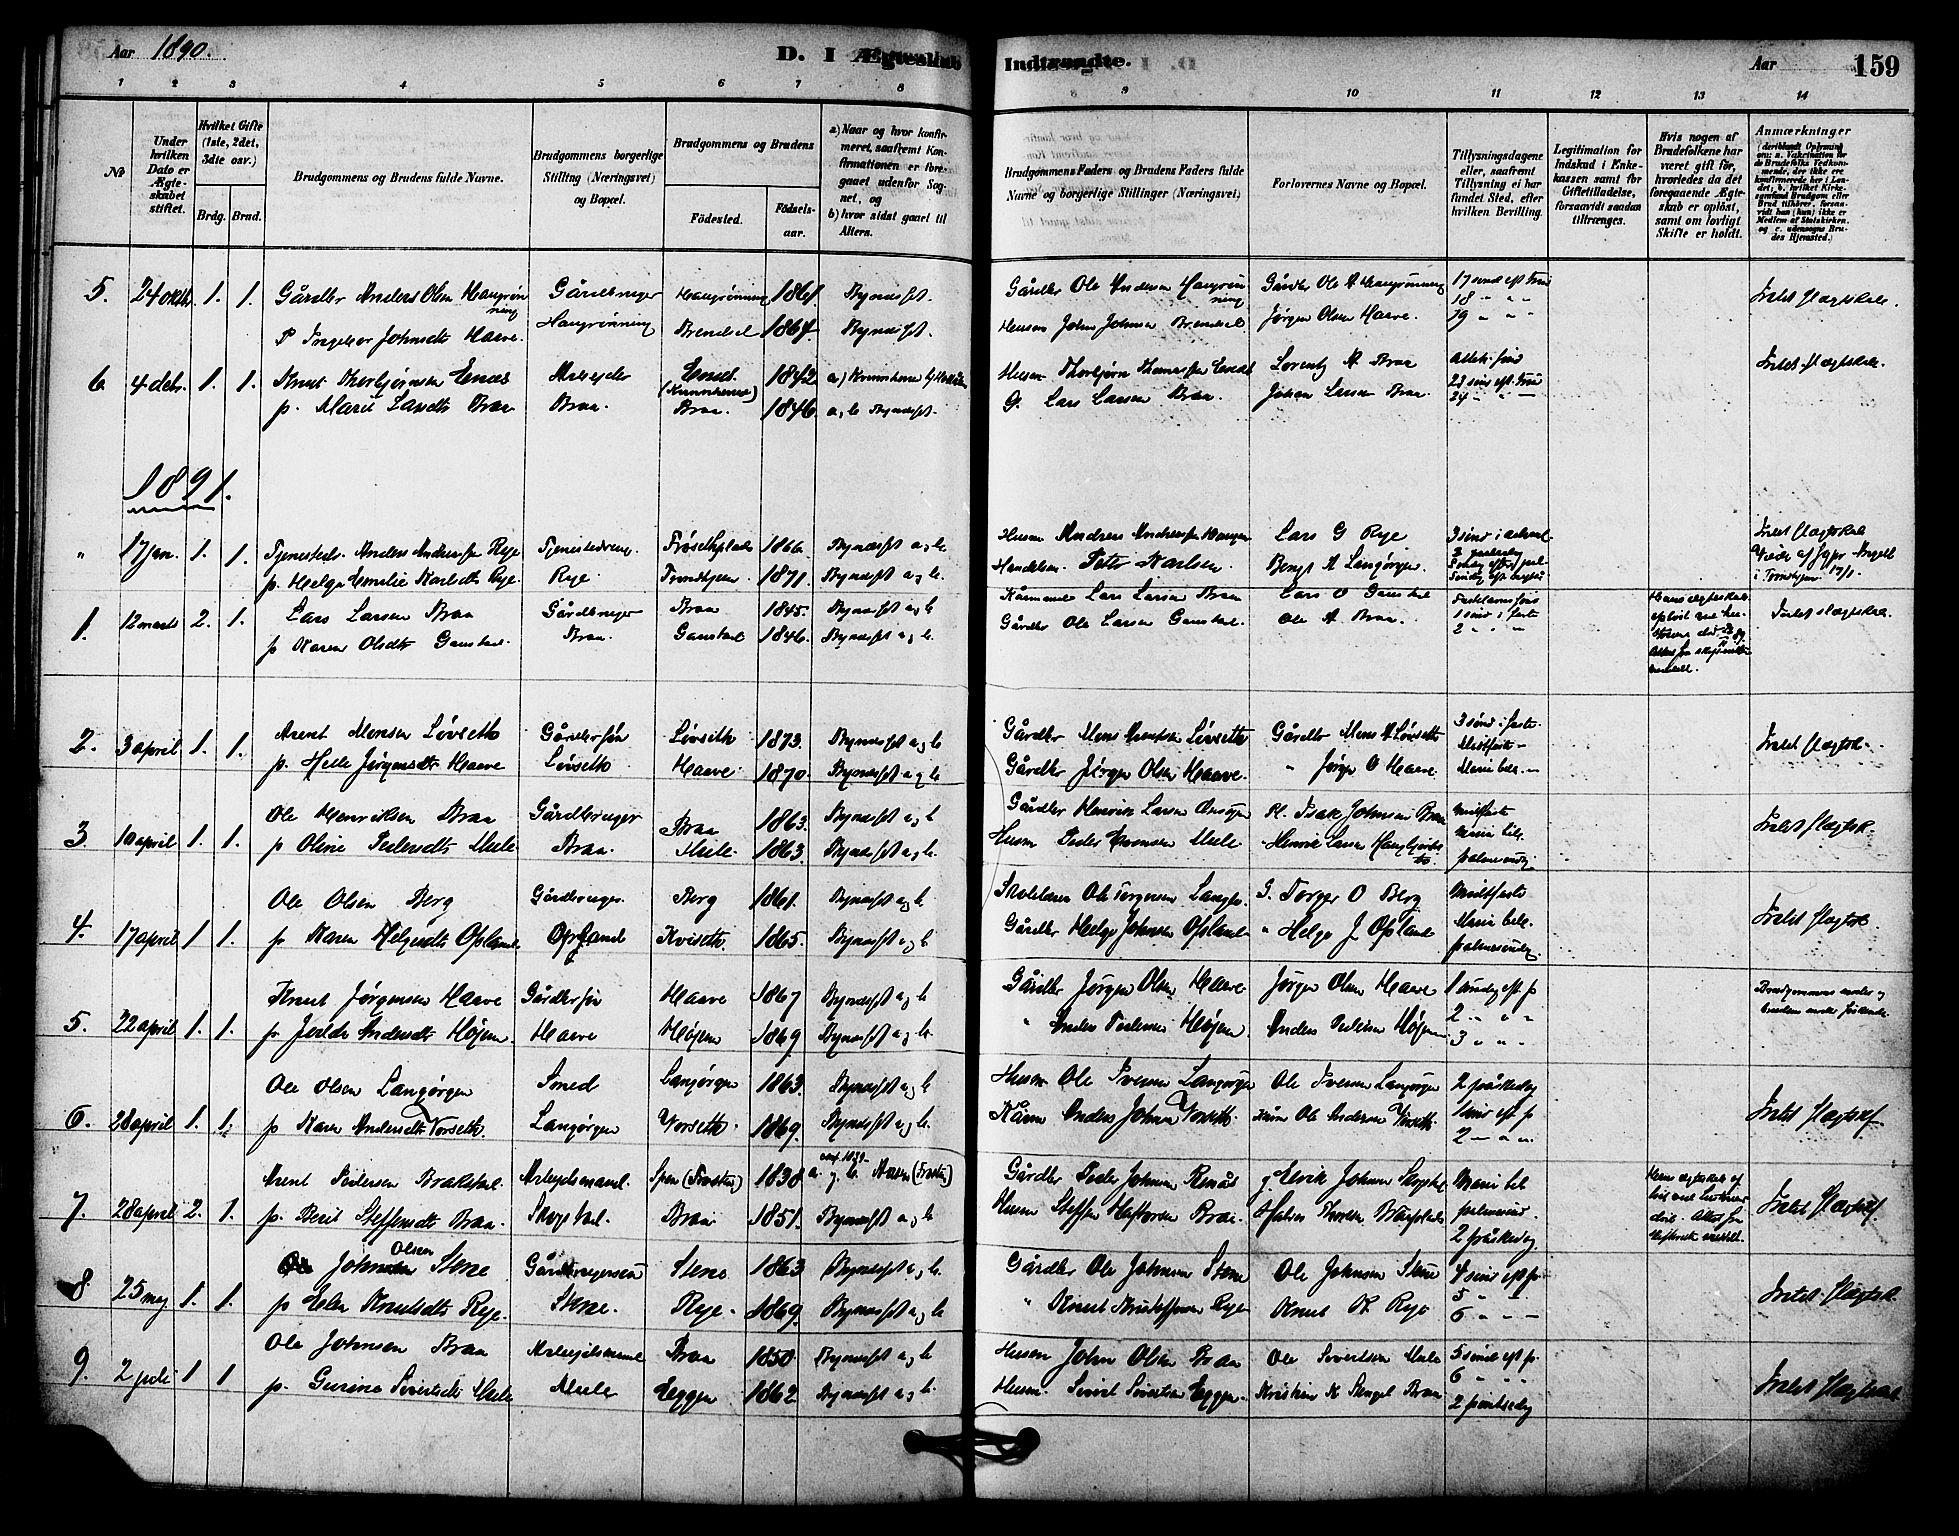 SAT, Ministerialprotokoller, klokkerbøker og fødselsregistre - Sør-Trøndelag, 612/L0378: Ministerialbok nr. 612A10, 1878-1897, s. 159